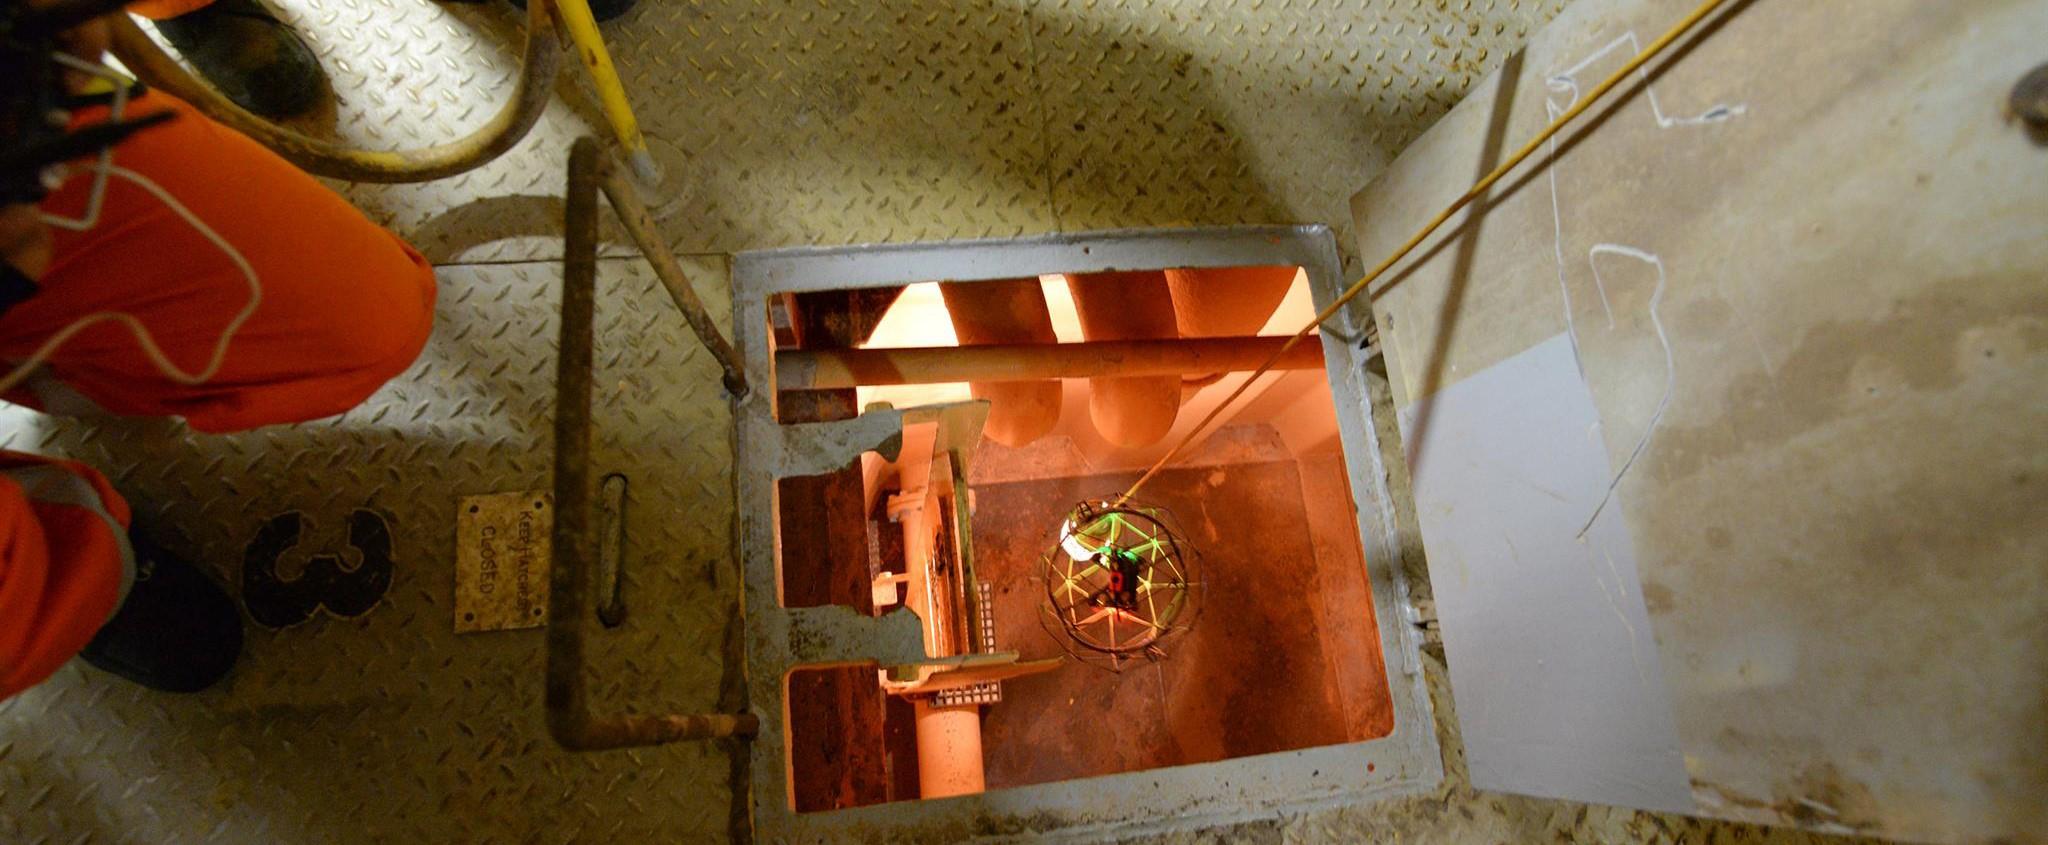 Texo Engineering Surveys slide